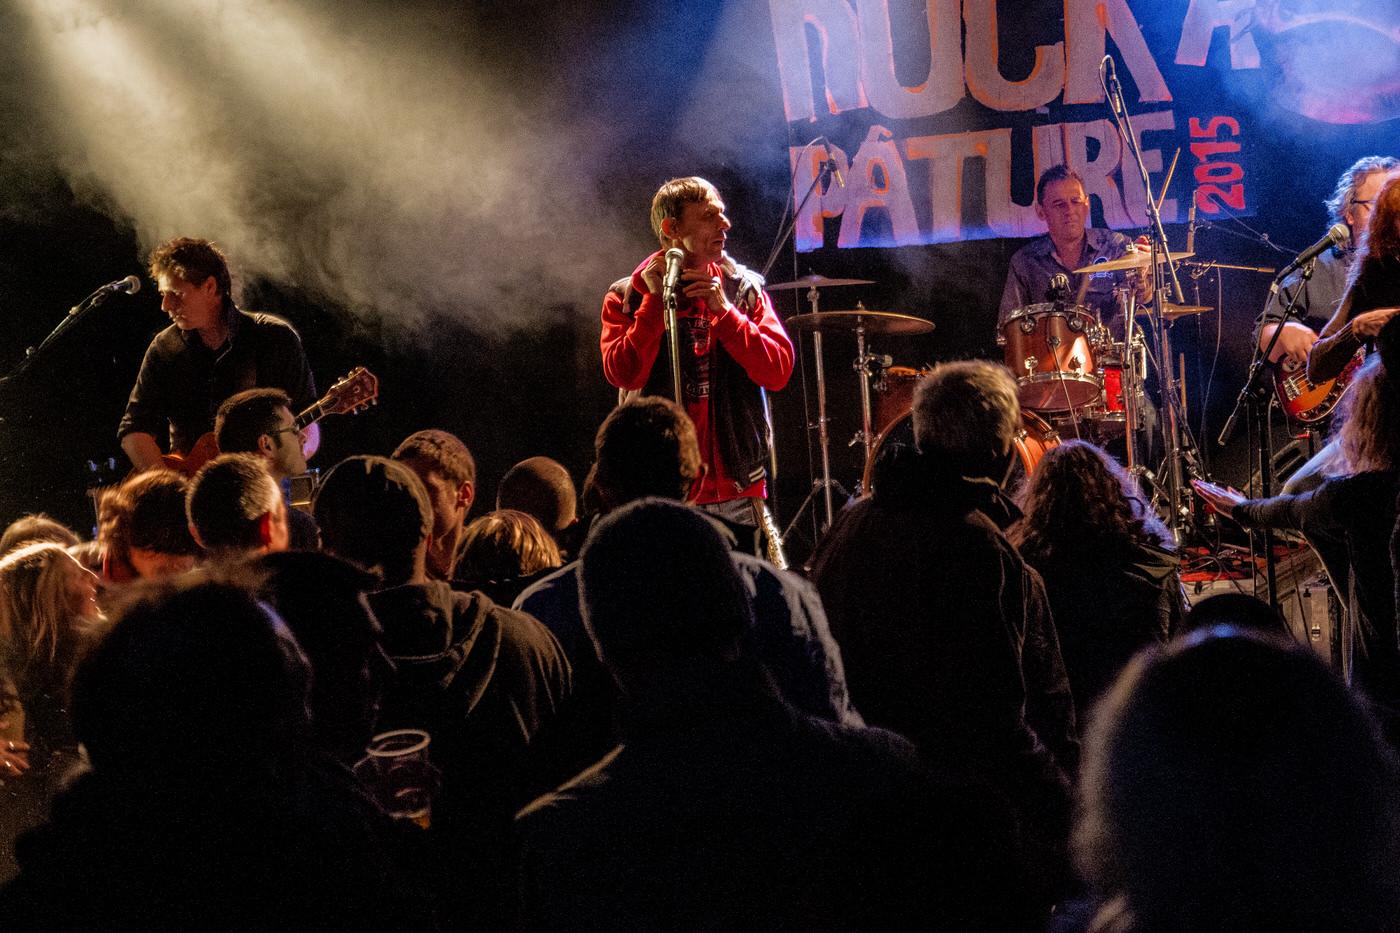 Les Naufrages en concert au festival Rock à Pature 3